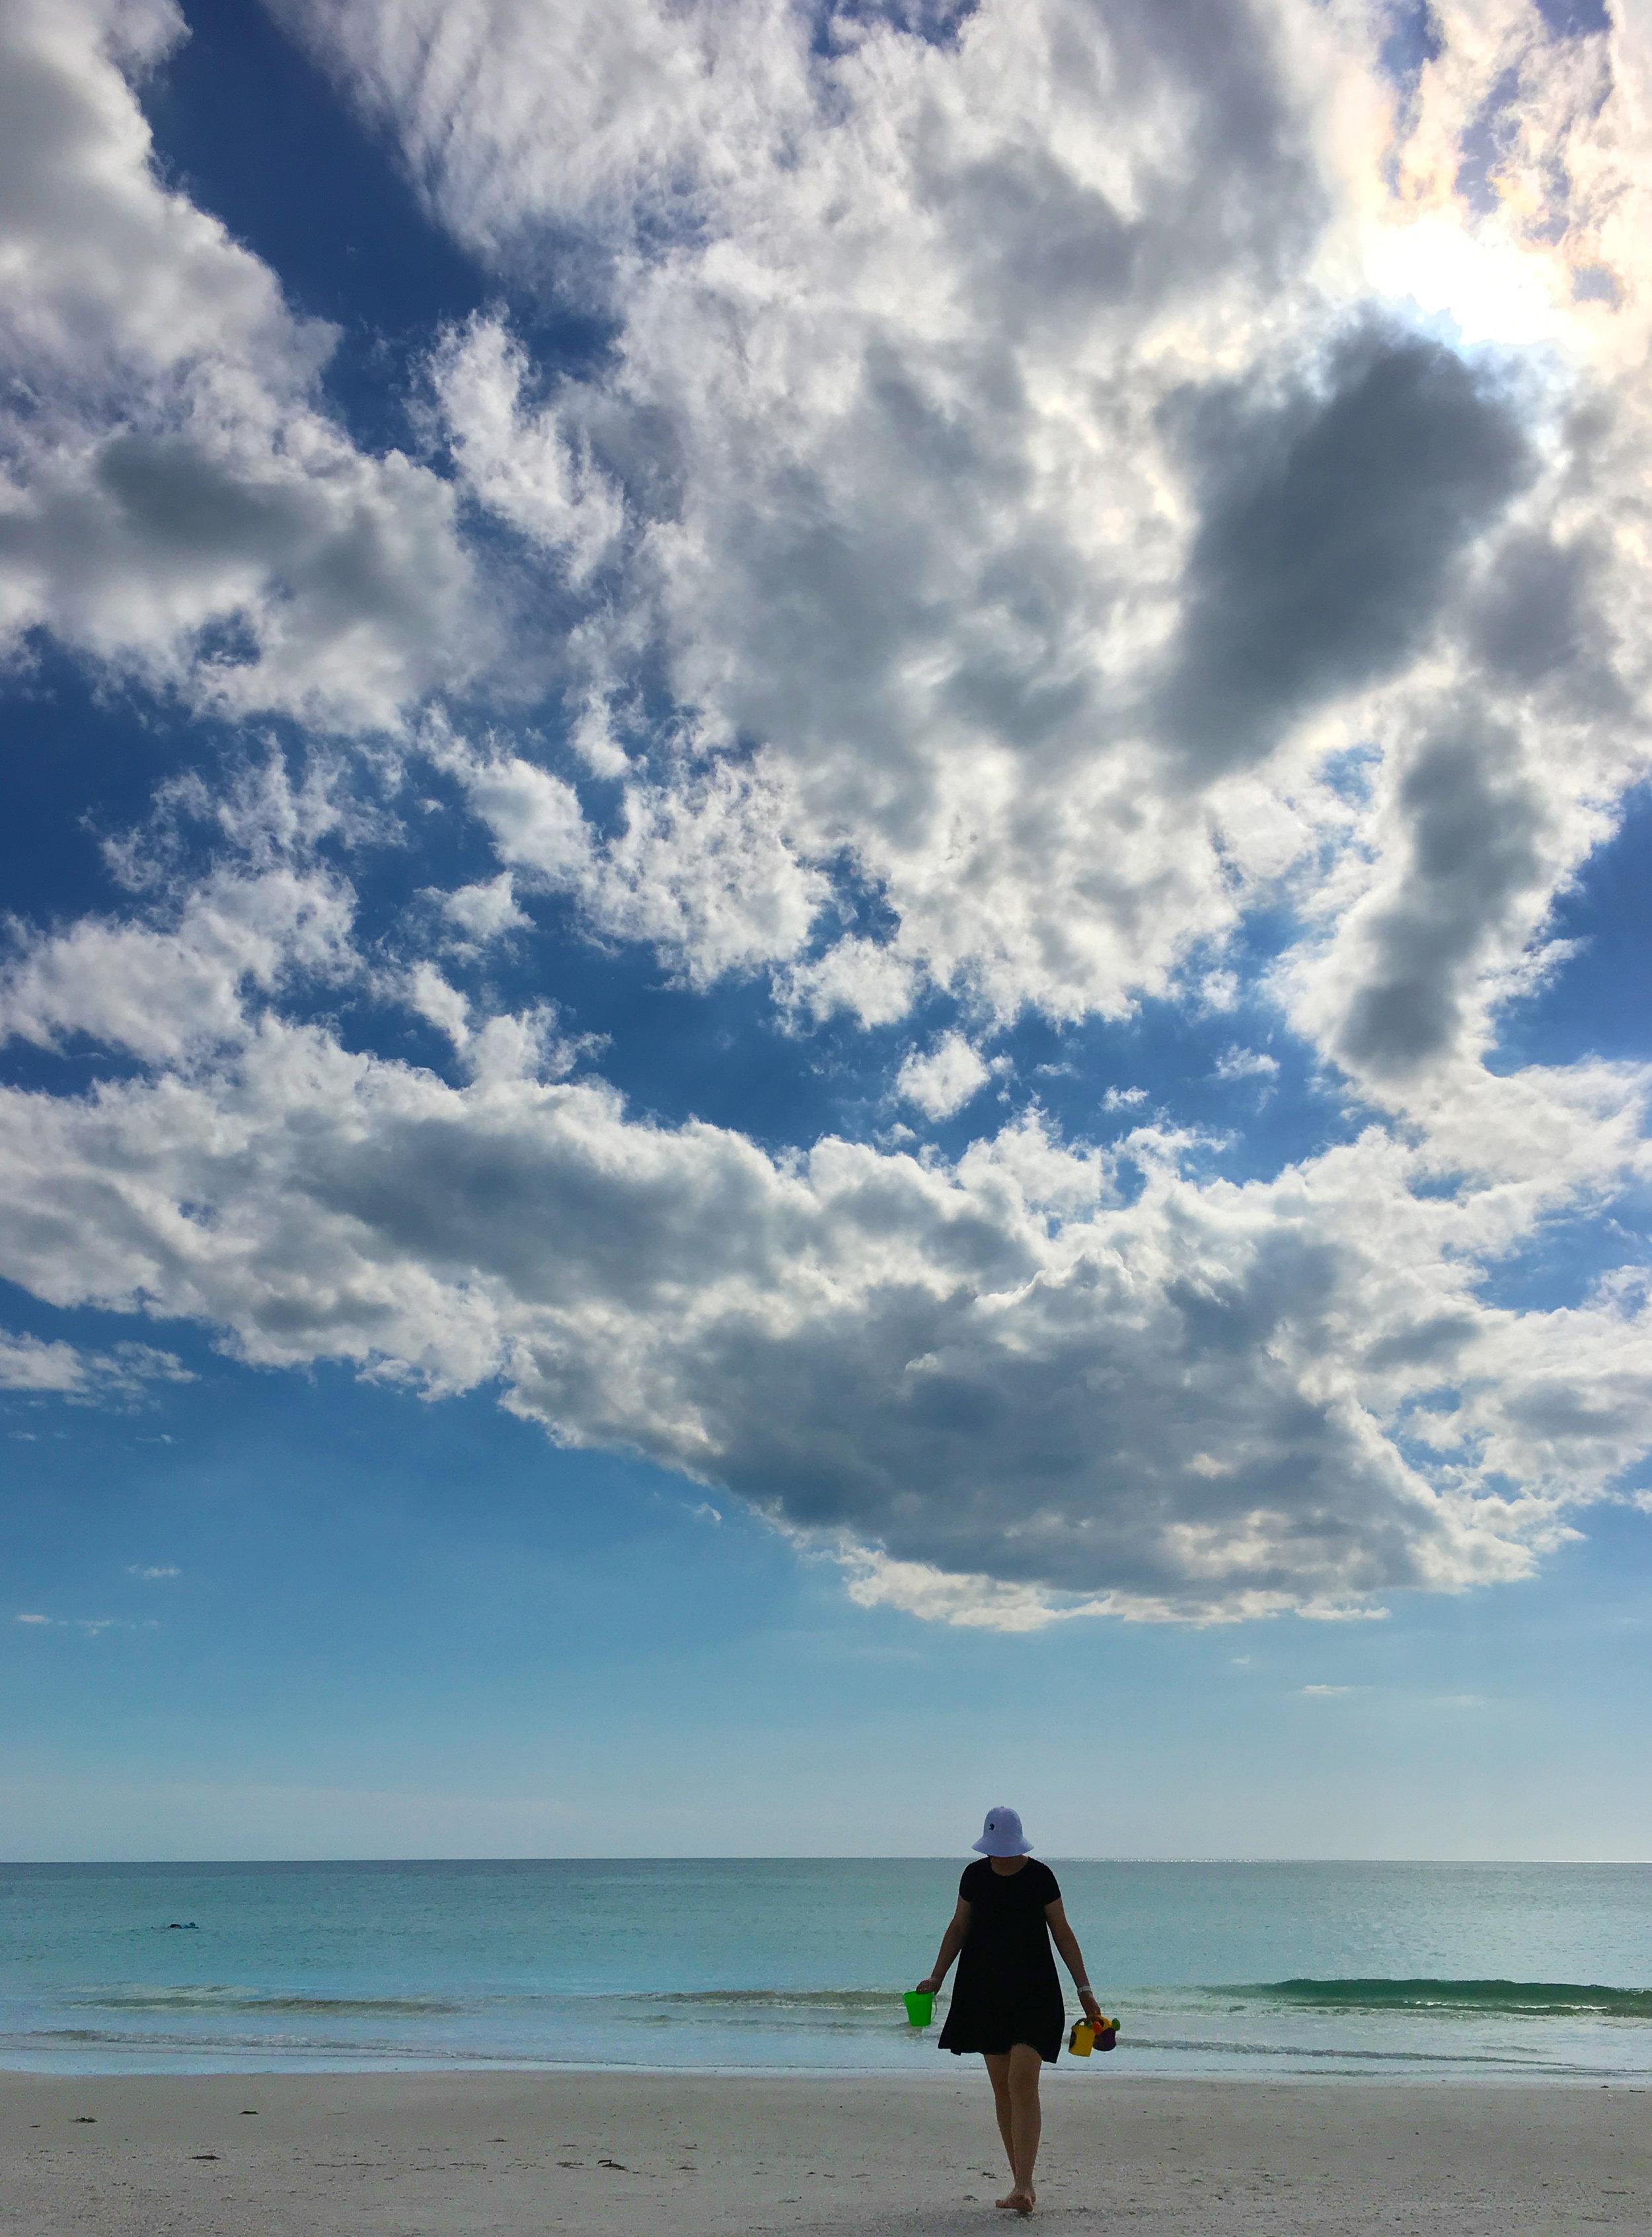 Sarasota - the beaches here are fantatsic.